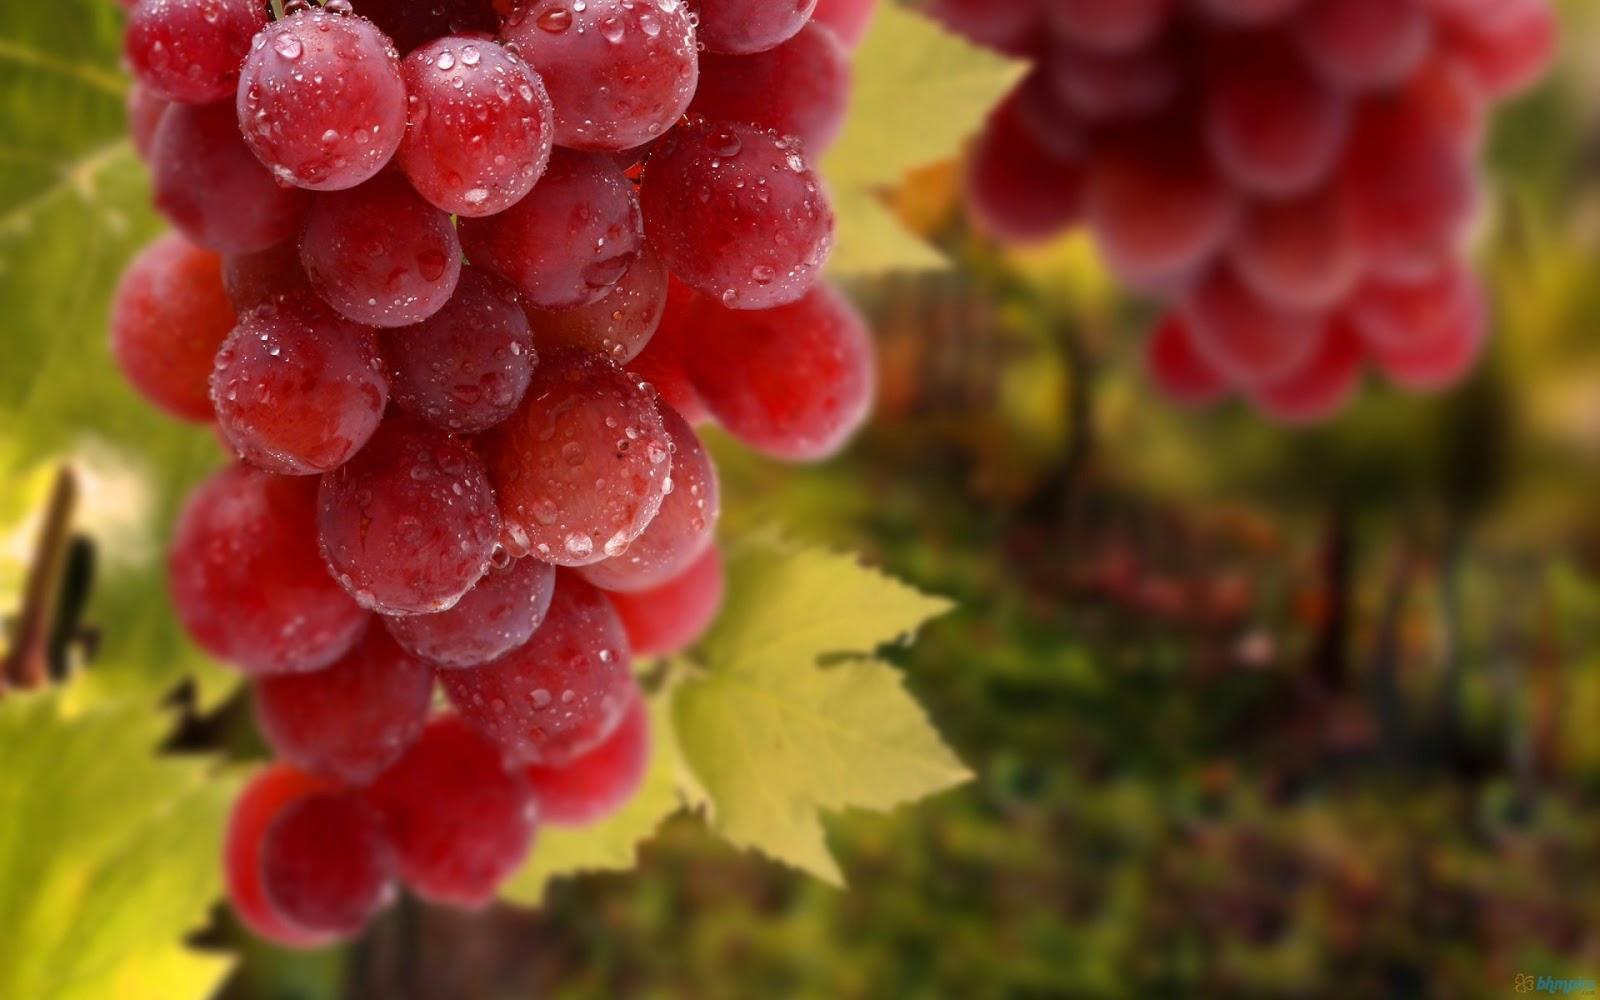 http://4.bp.blogspot.com/-yFh48PP1gjM/URPL-qlqNuI/AAAAAAAAAMc/TH6z1-UPtGQ/s1600/red_grapes_1920x1200.jpg